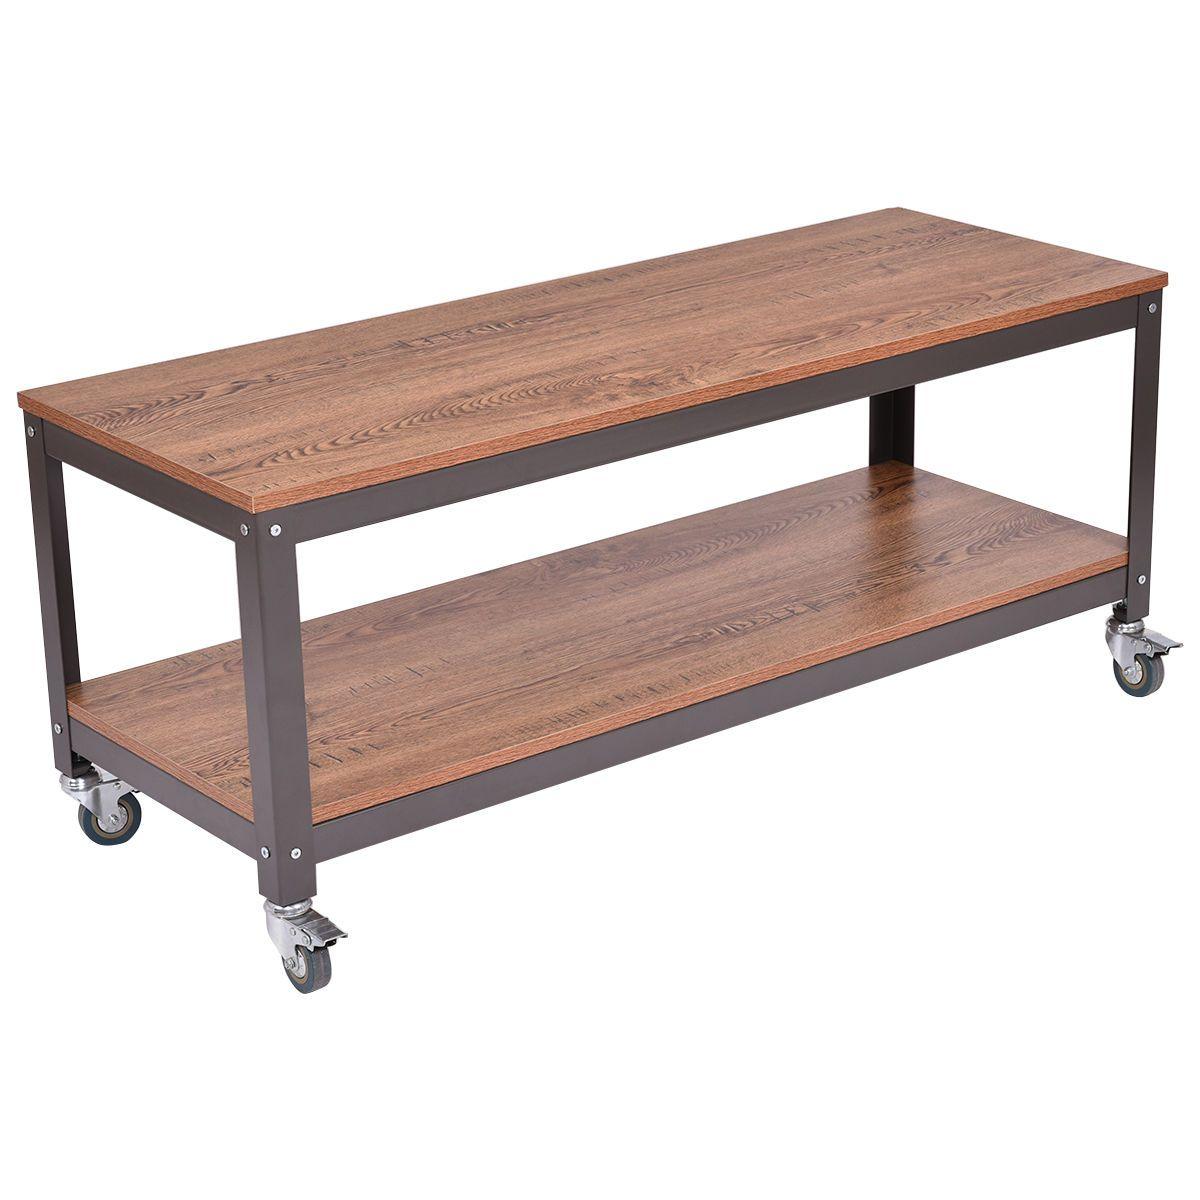 - 2 Tiers Wood Metal Rolling Coffee Table Metal Storage Shelves, Wood  Storage Rack, Furniture